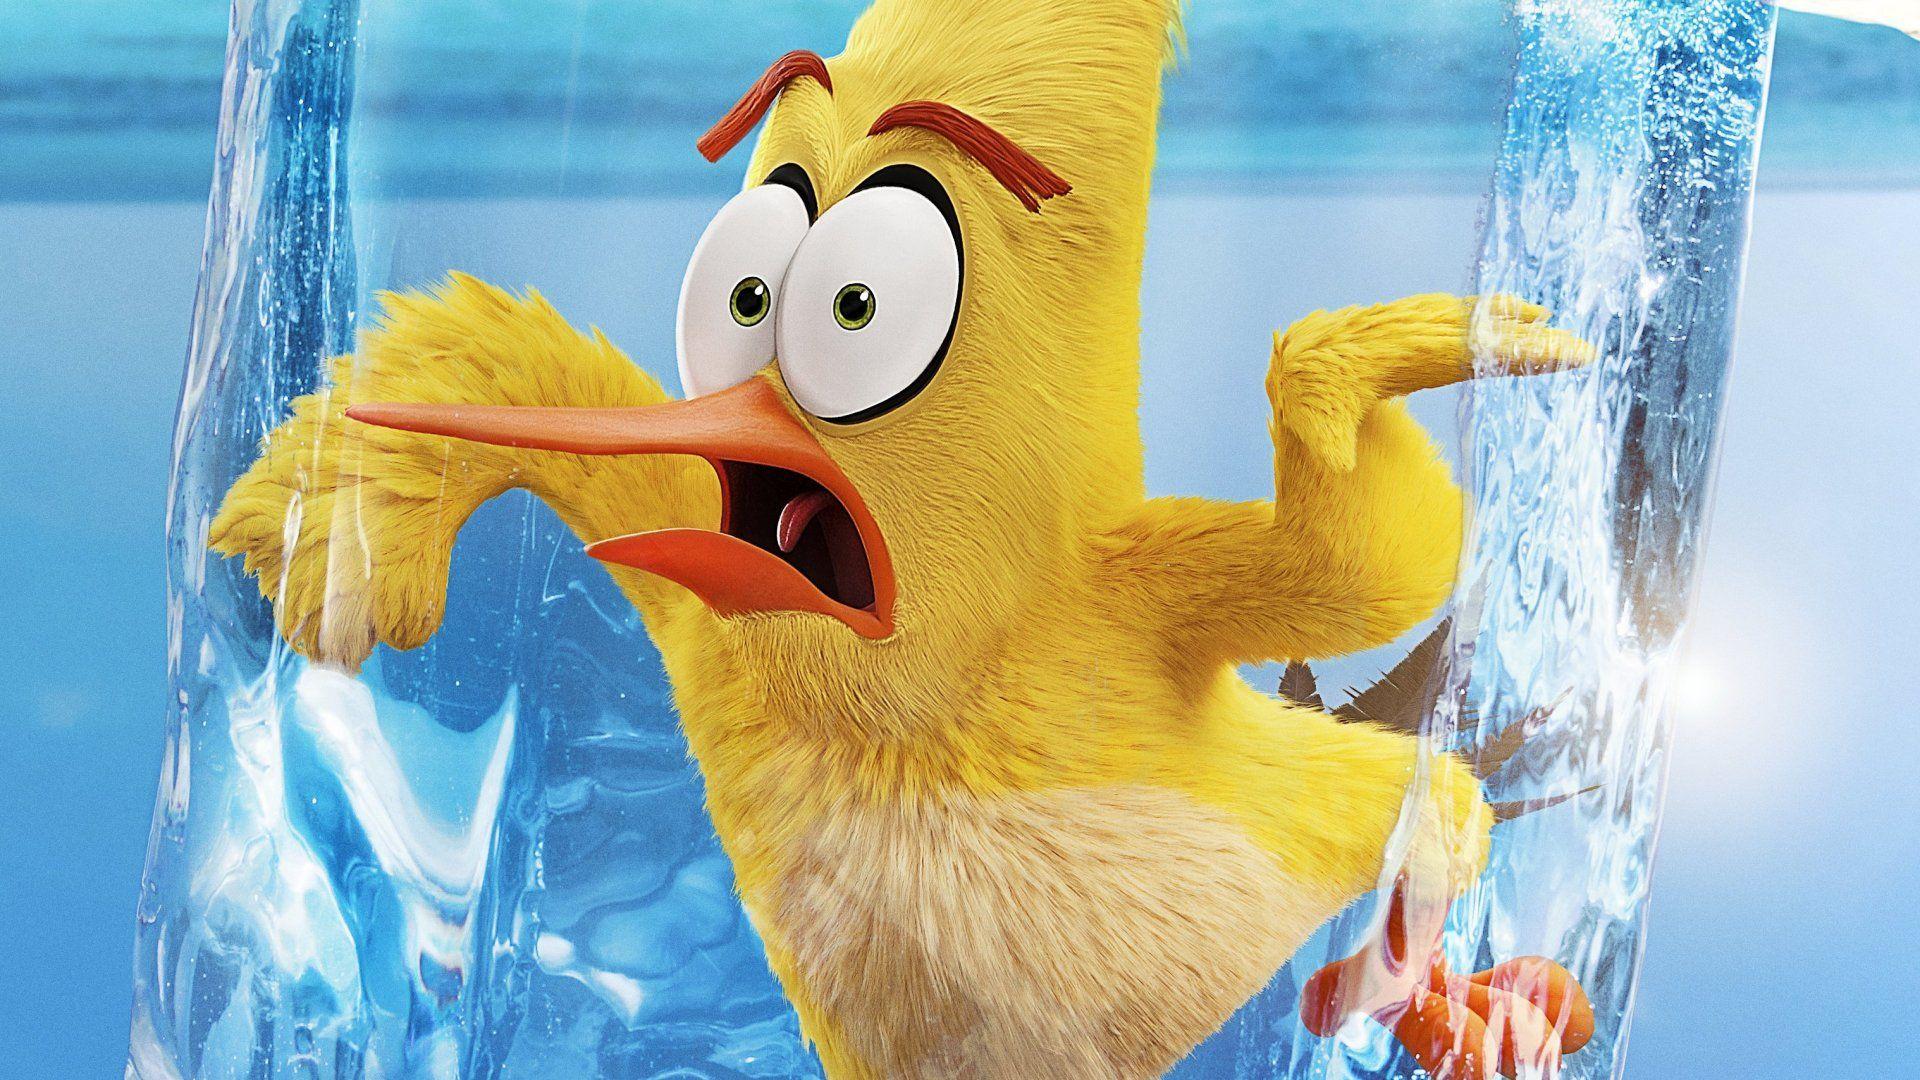 Movie The Angry Birds Movie 2 Wallpaper Angry Birds Peliculas De Animacion Peliculas Nuevas De Disney